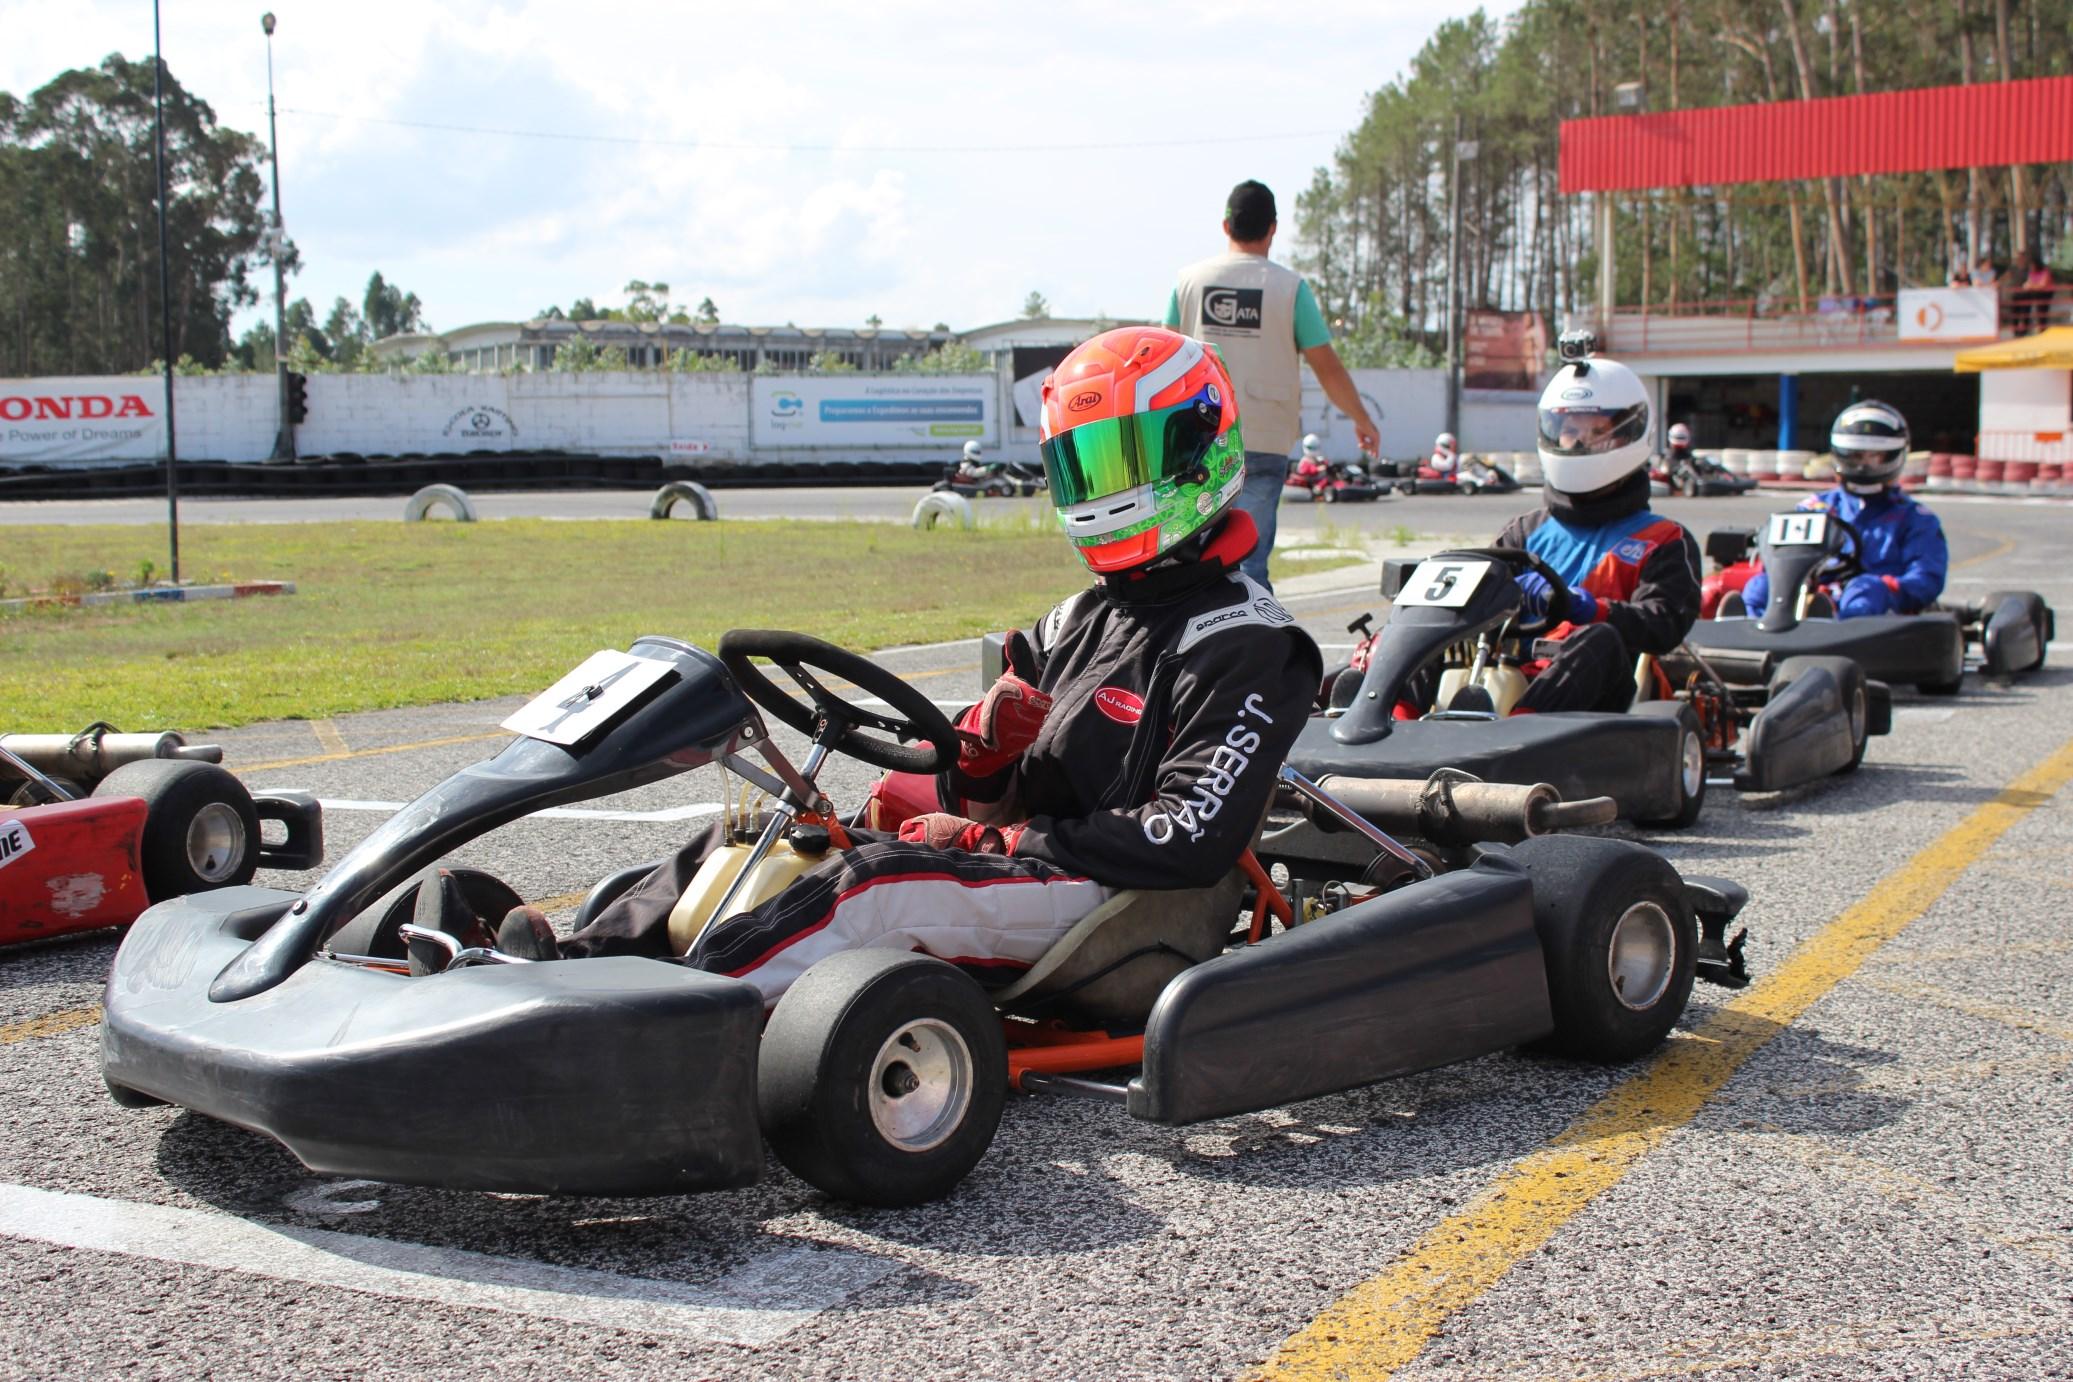 Troféu Honda 2014 - 3ª Prova63